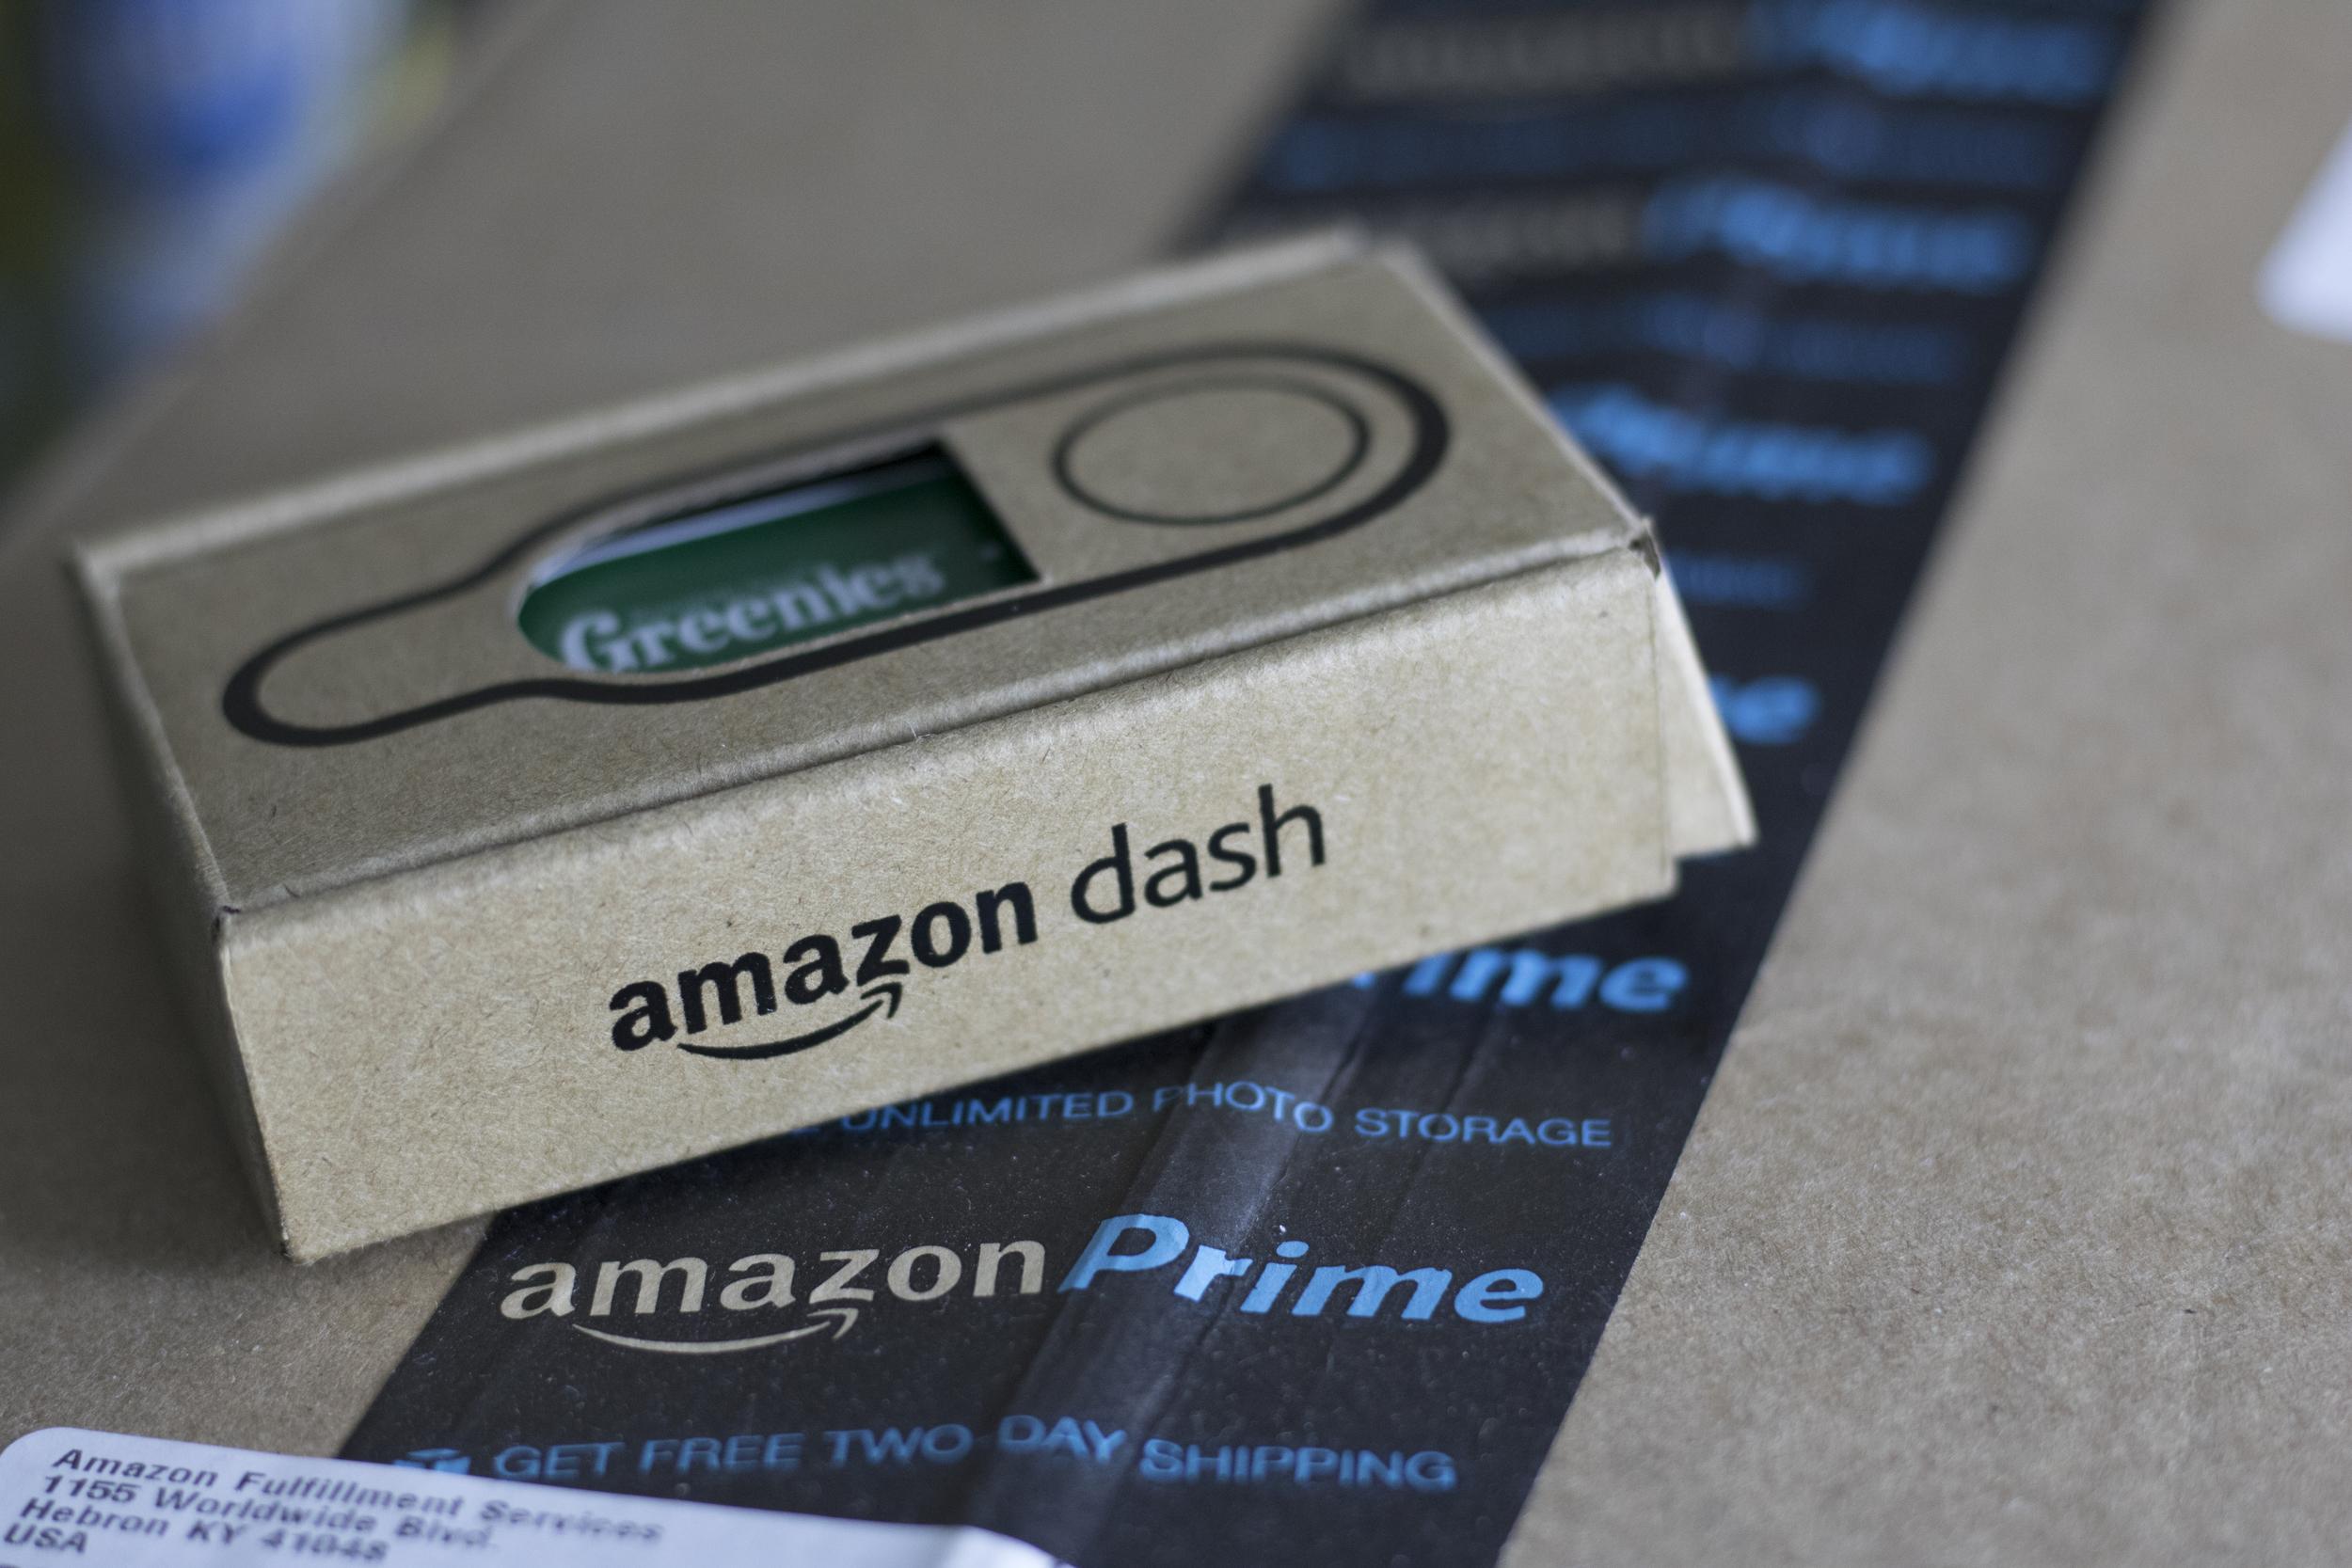 Amazon Dash Button on Box